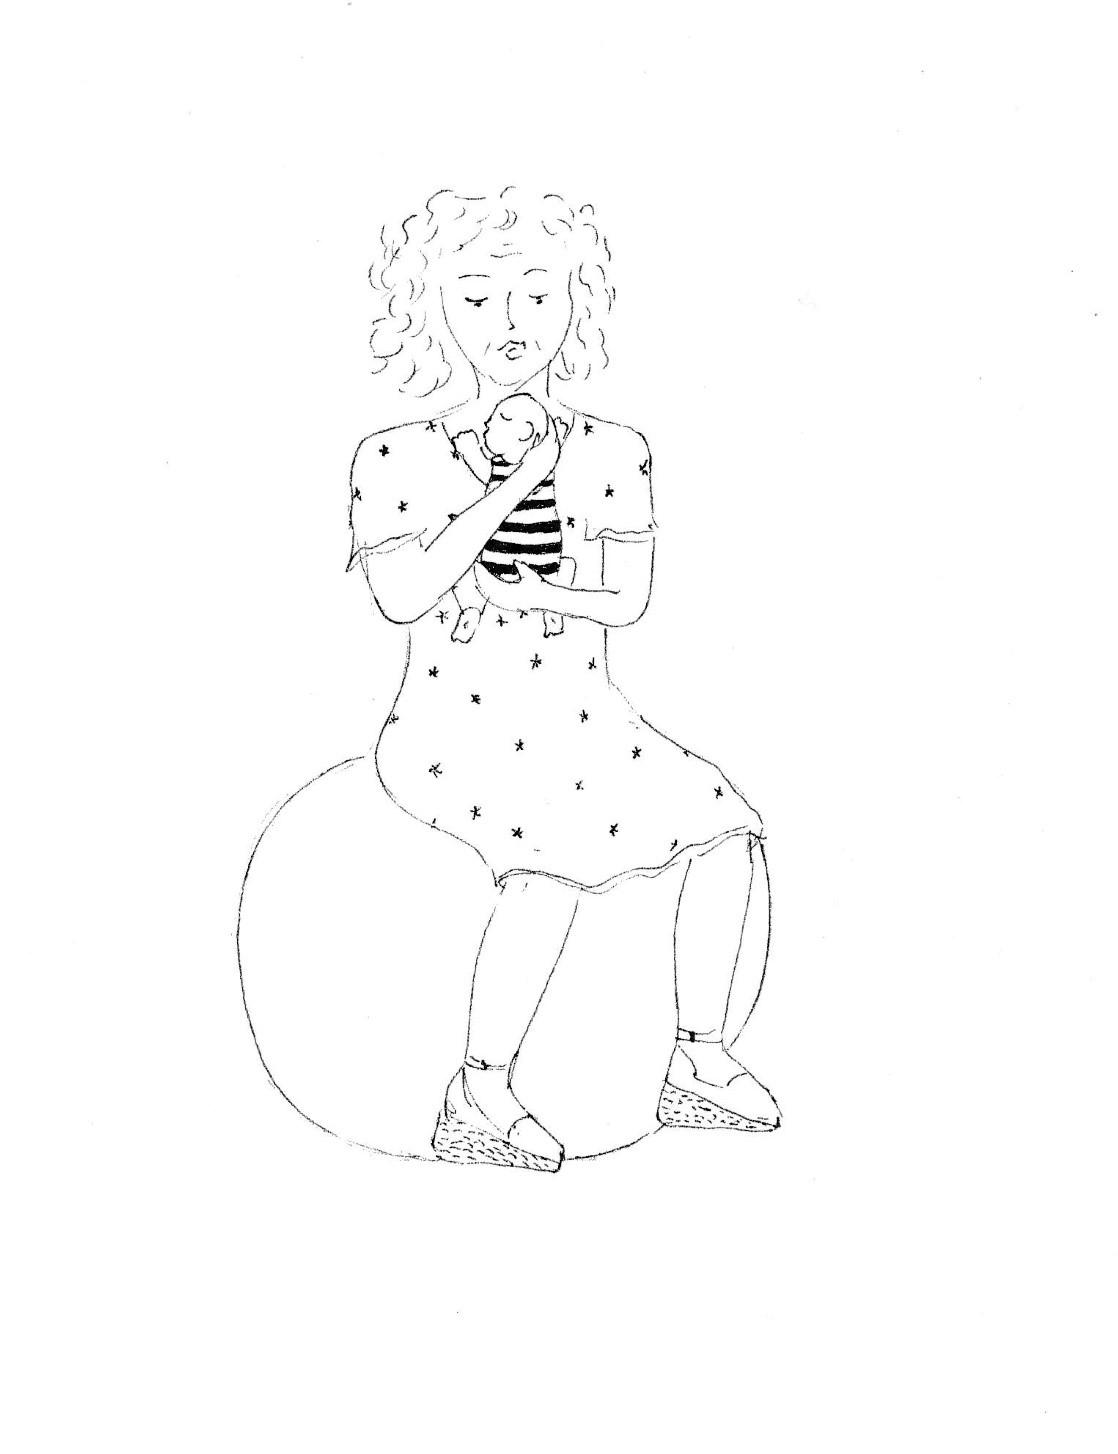 tekening: Ineke van Straeten tijdens slaapconsult